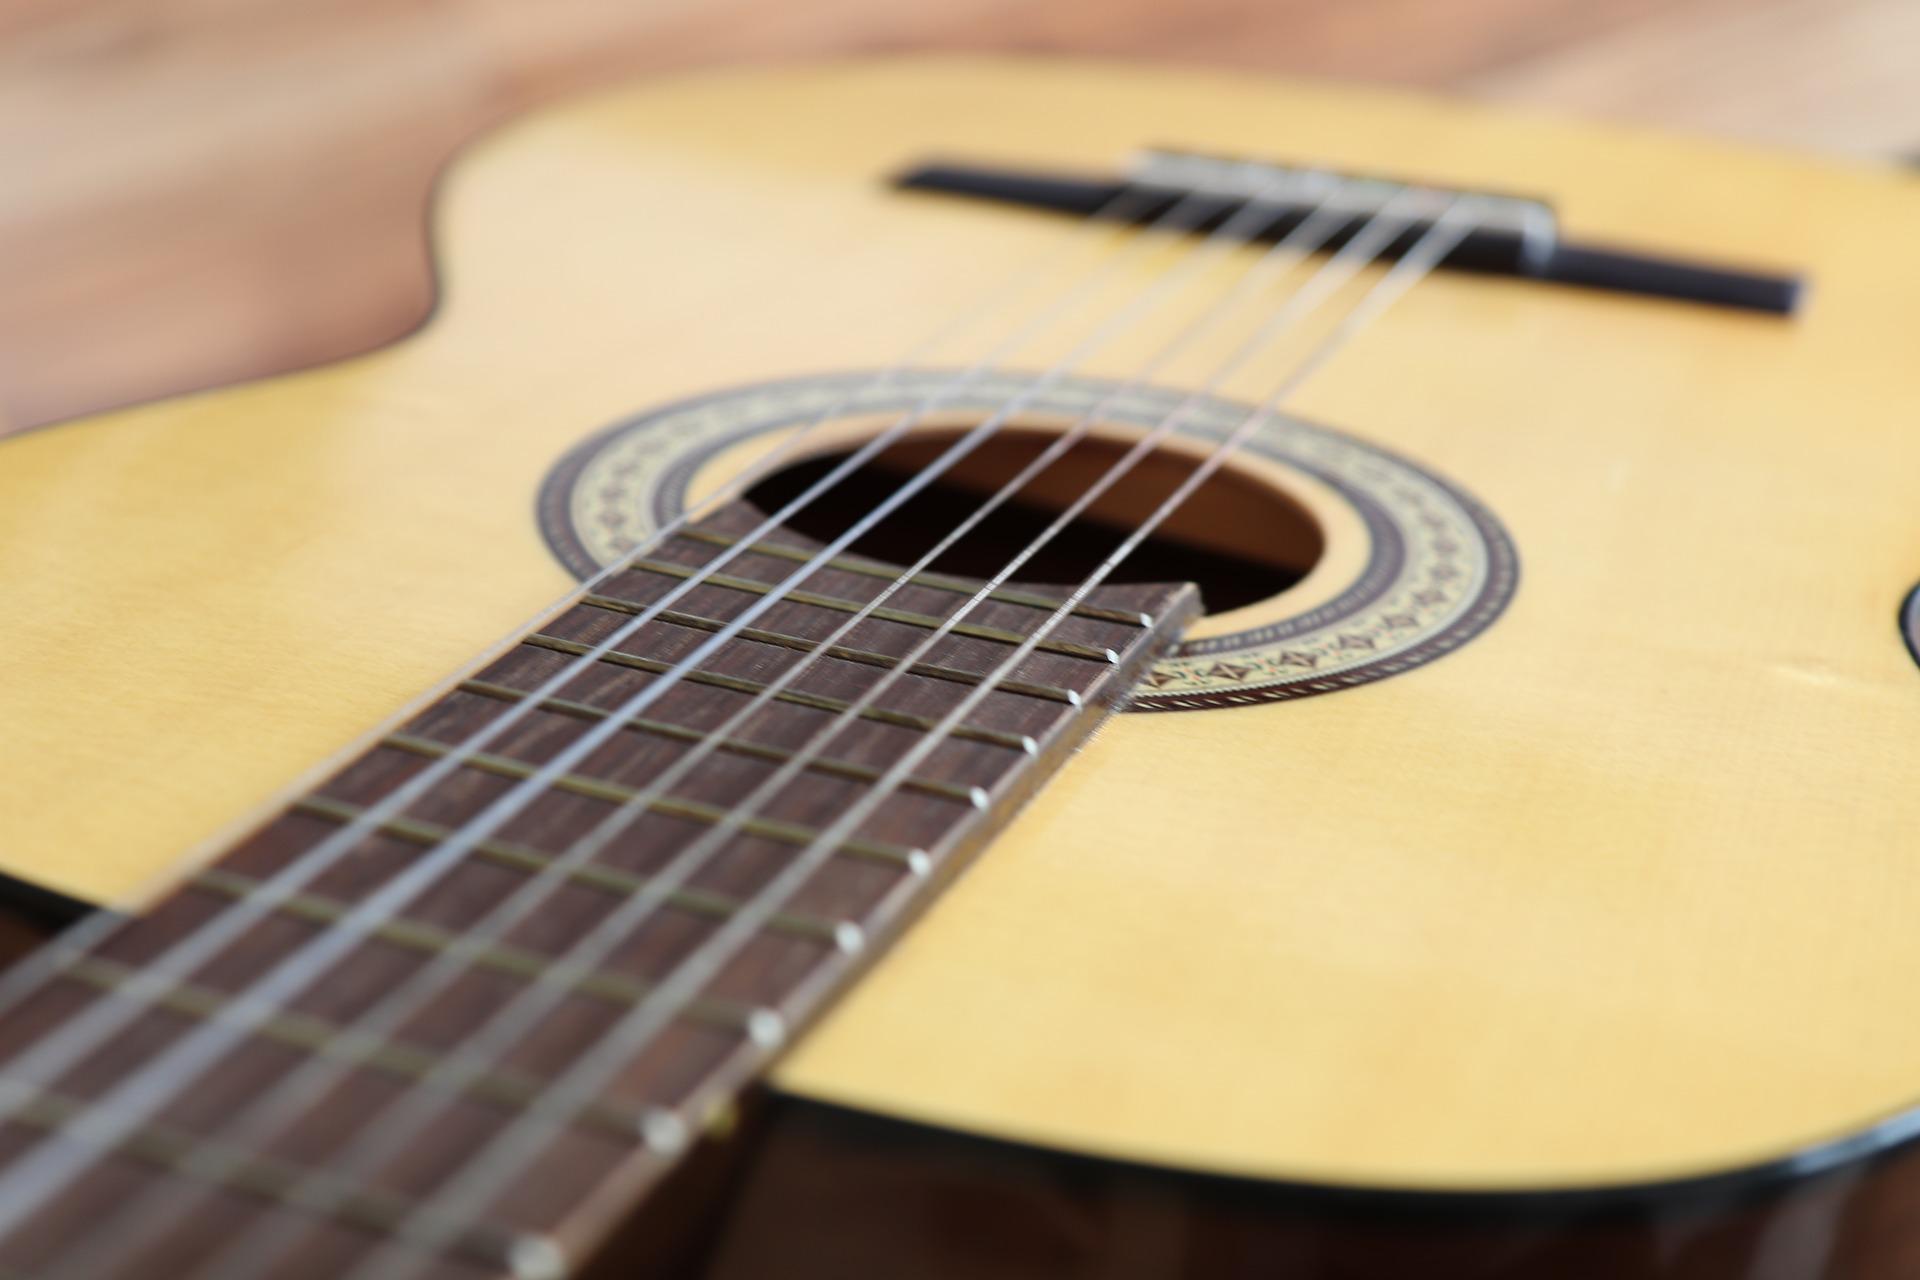 Snaren vervangen gitaar? Waarom snaren vervangen heel makkelijk is!